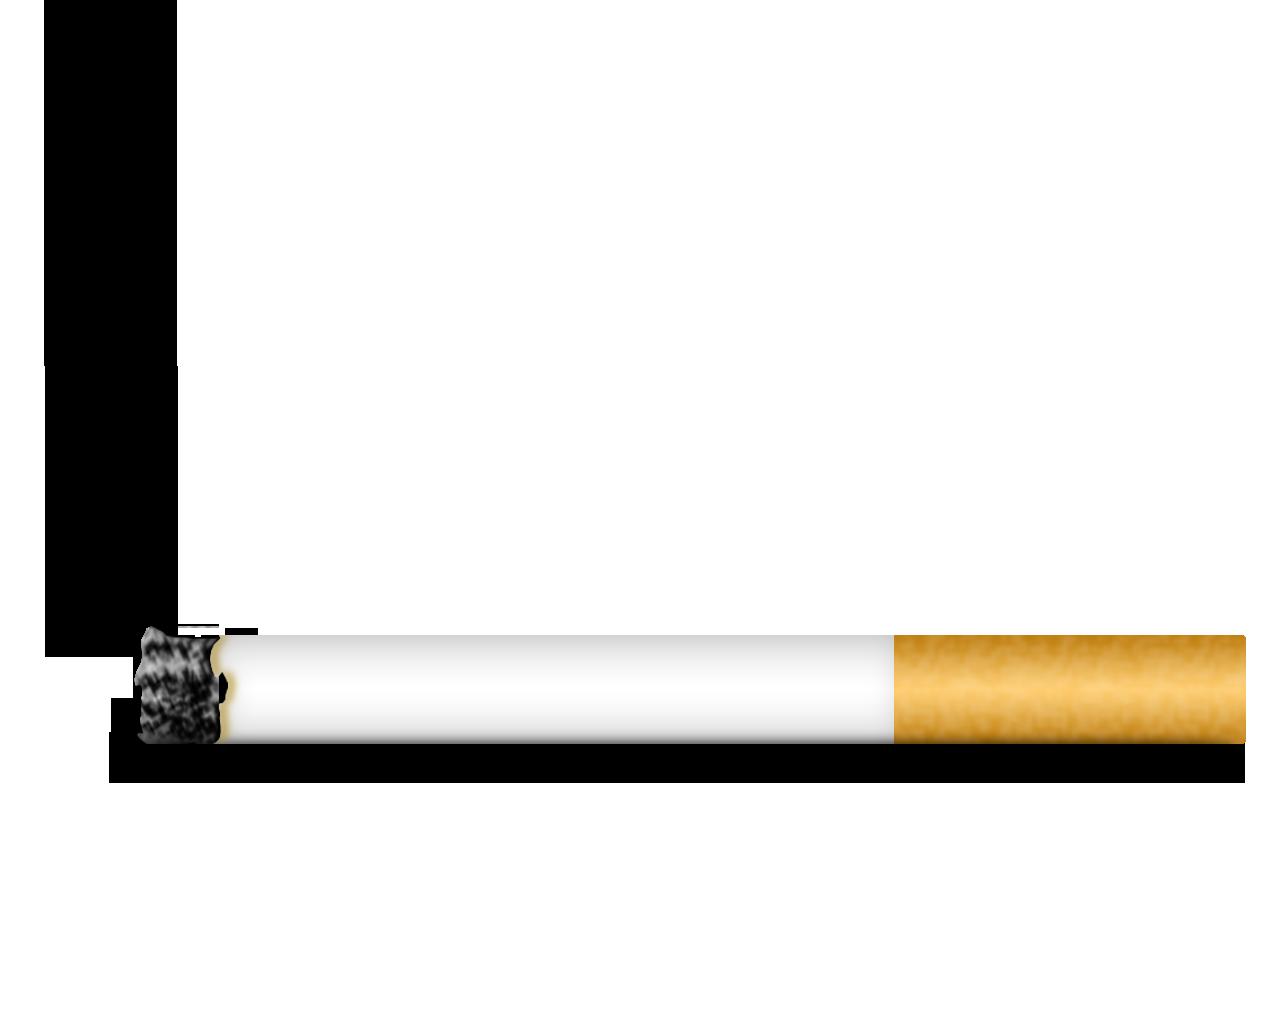 Cigarette Png Image   Cigarette Png Image